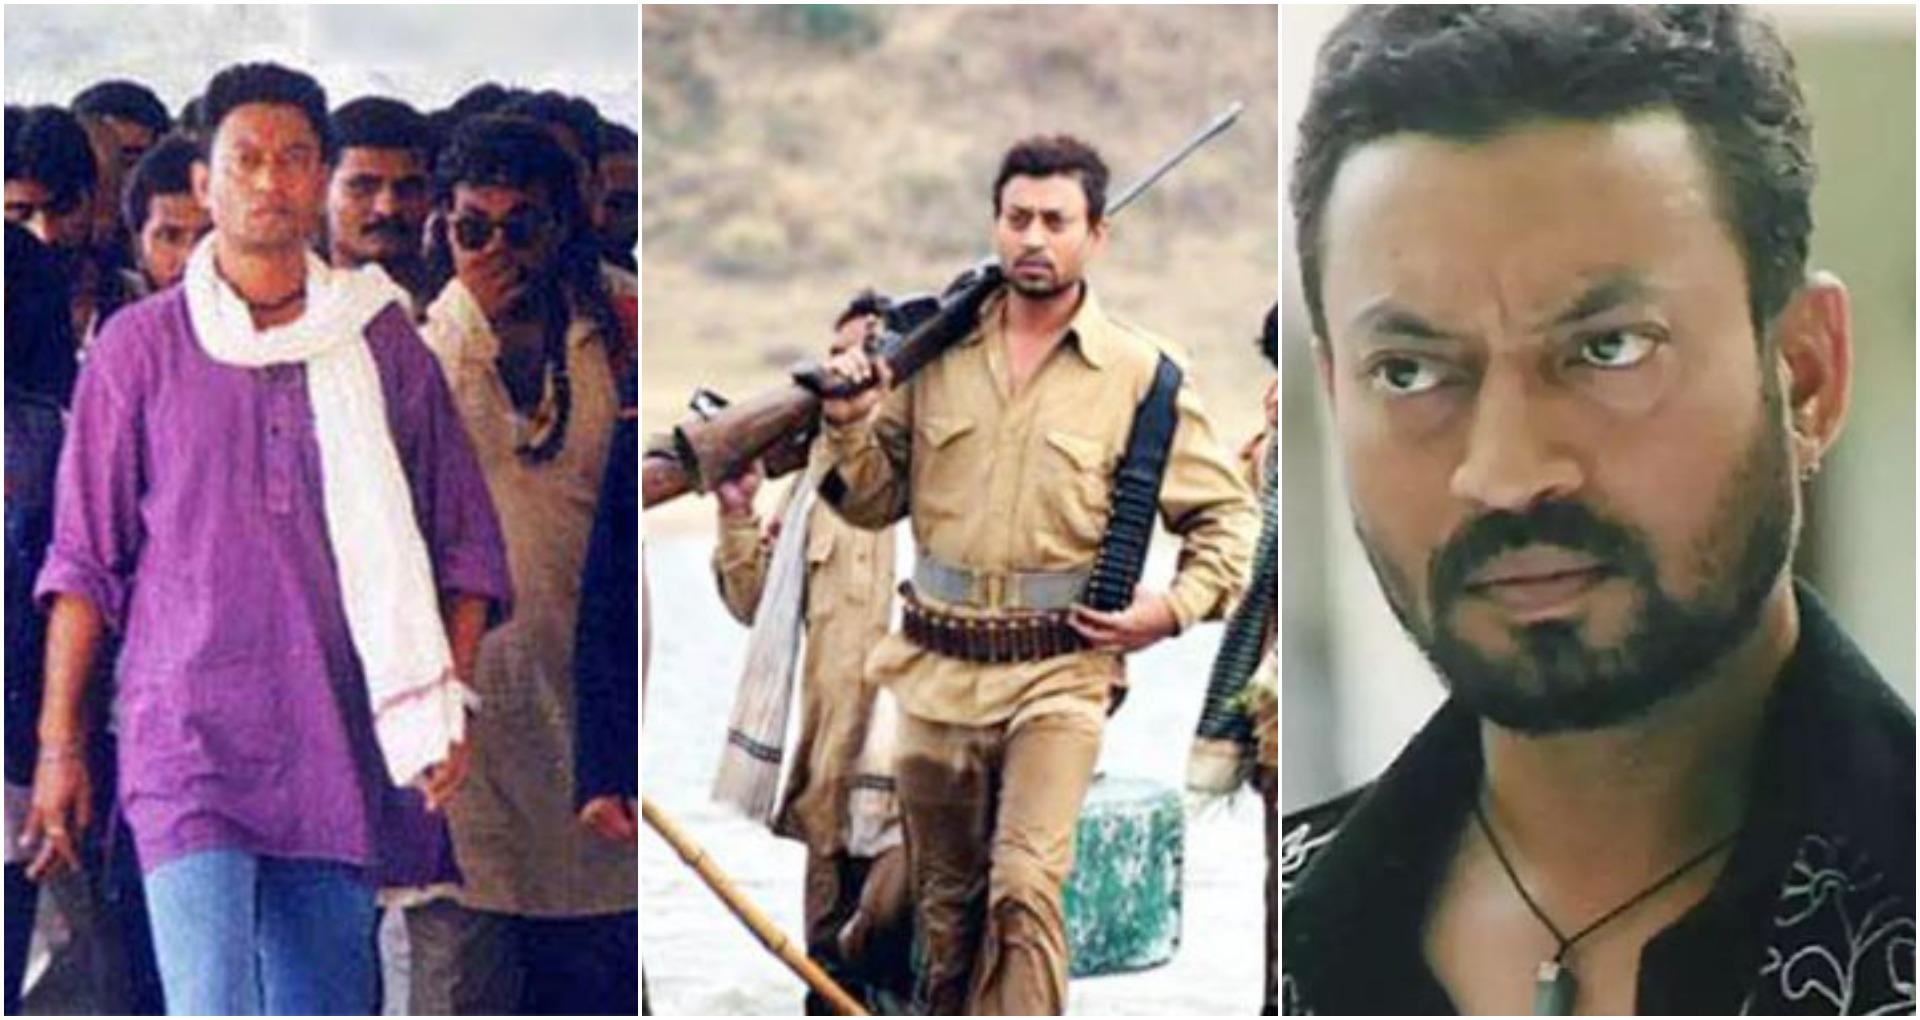 Irrfan Khan: इरफान खान के वो किरदार जिसके लिए उन्हें हमेशा याद किया जाएगा, देखें लिस्ट